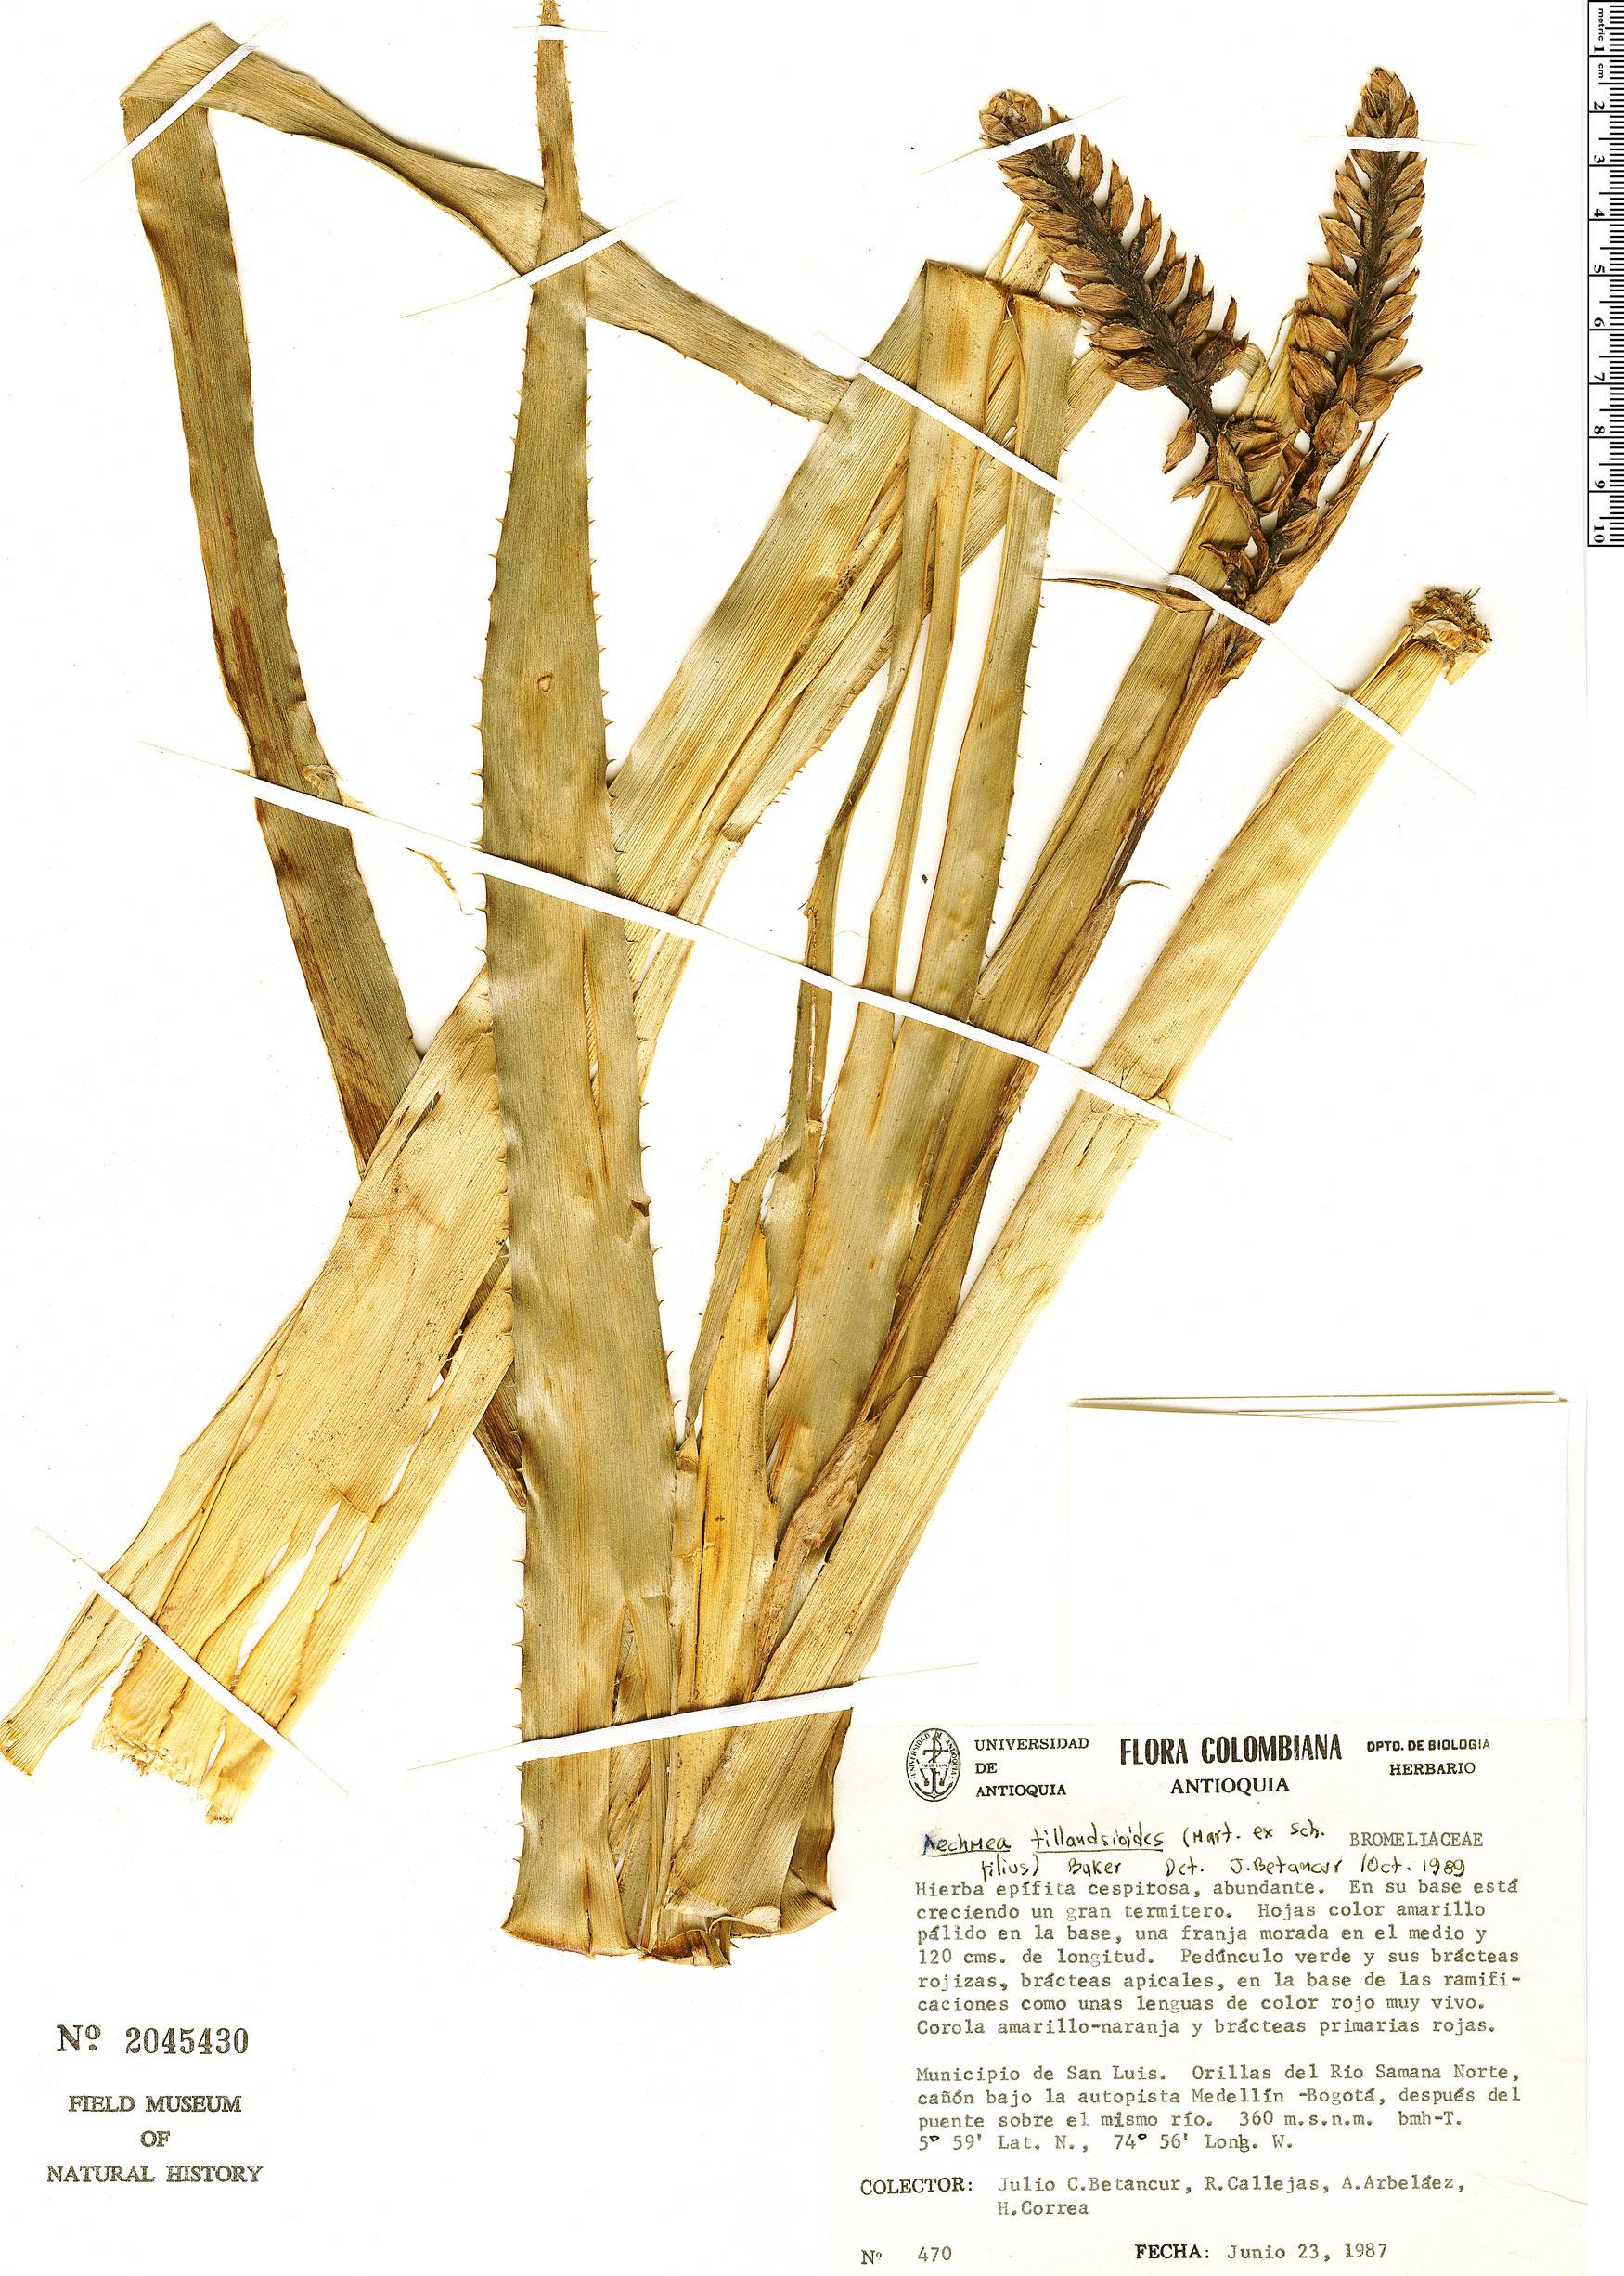 Specimen: Aechmea tillandsioides